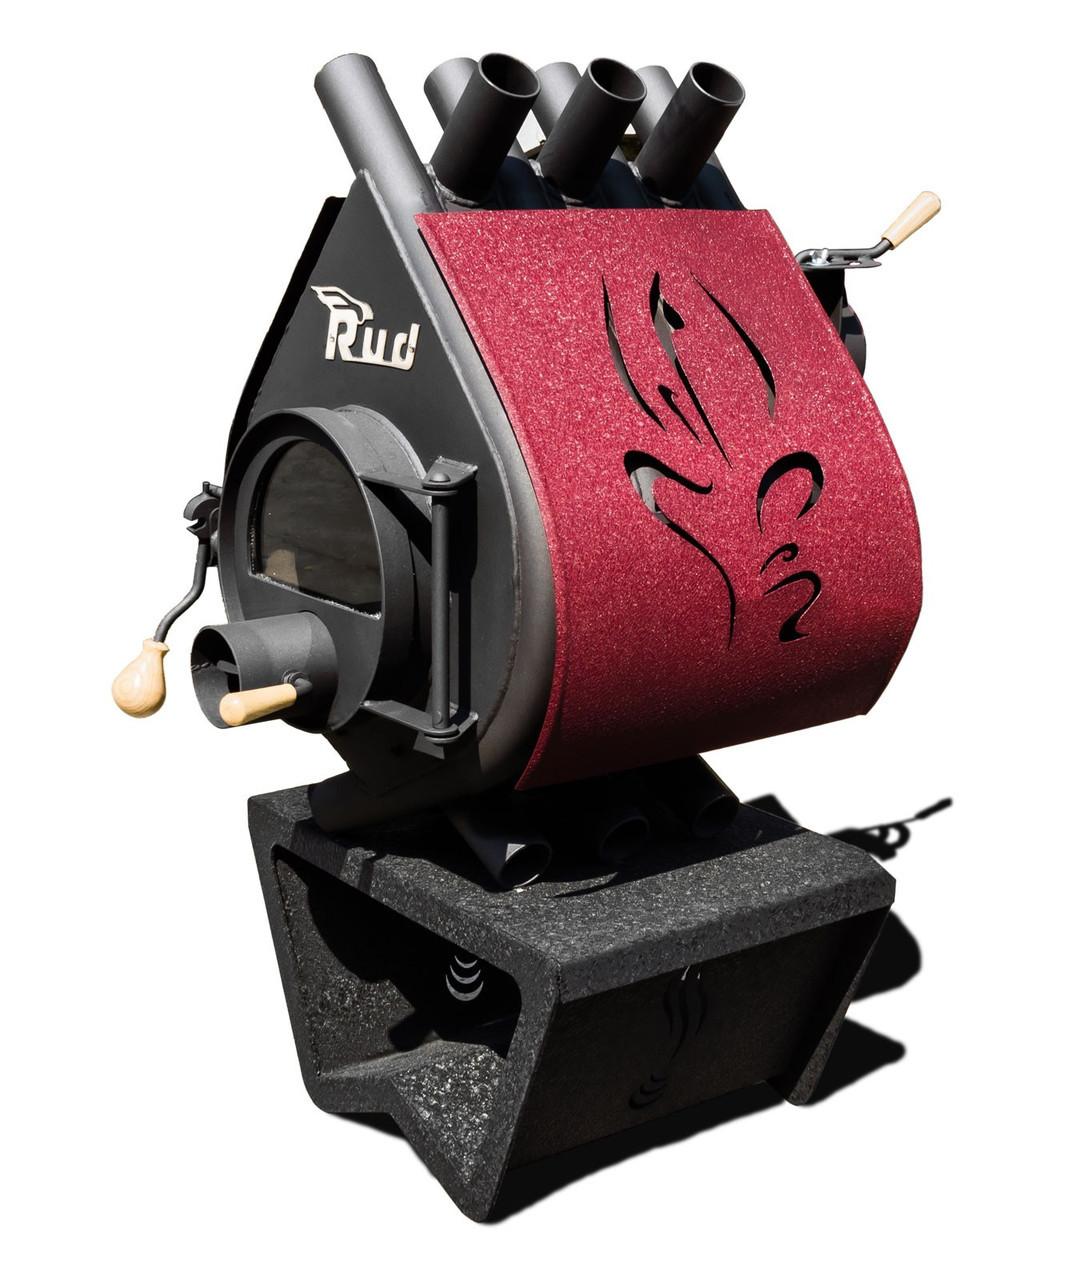 Отопительная конвекционная печь Rud Pyrotron Кантри 00 С обшивкой декоративной (бордовая)